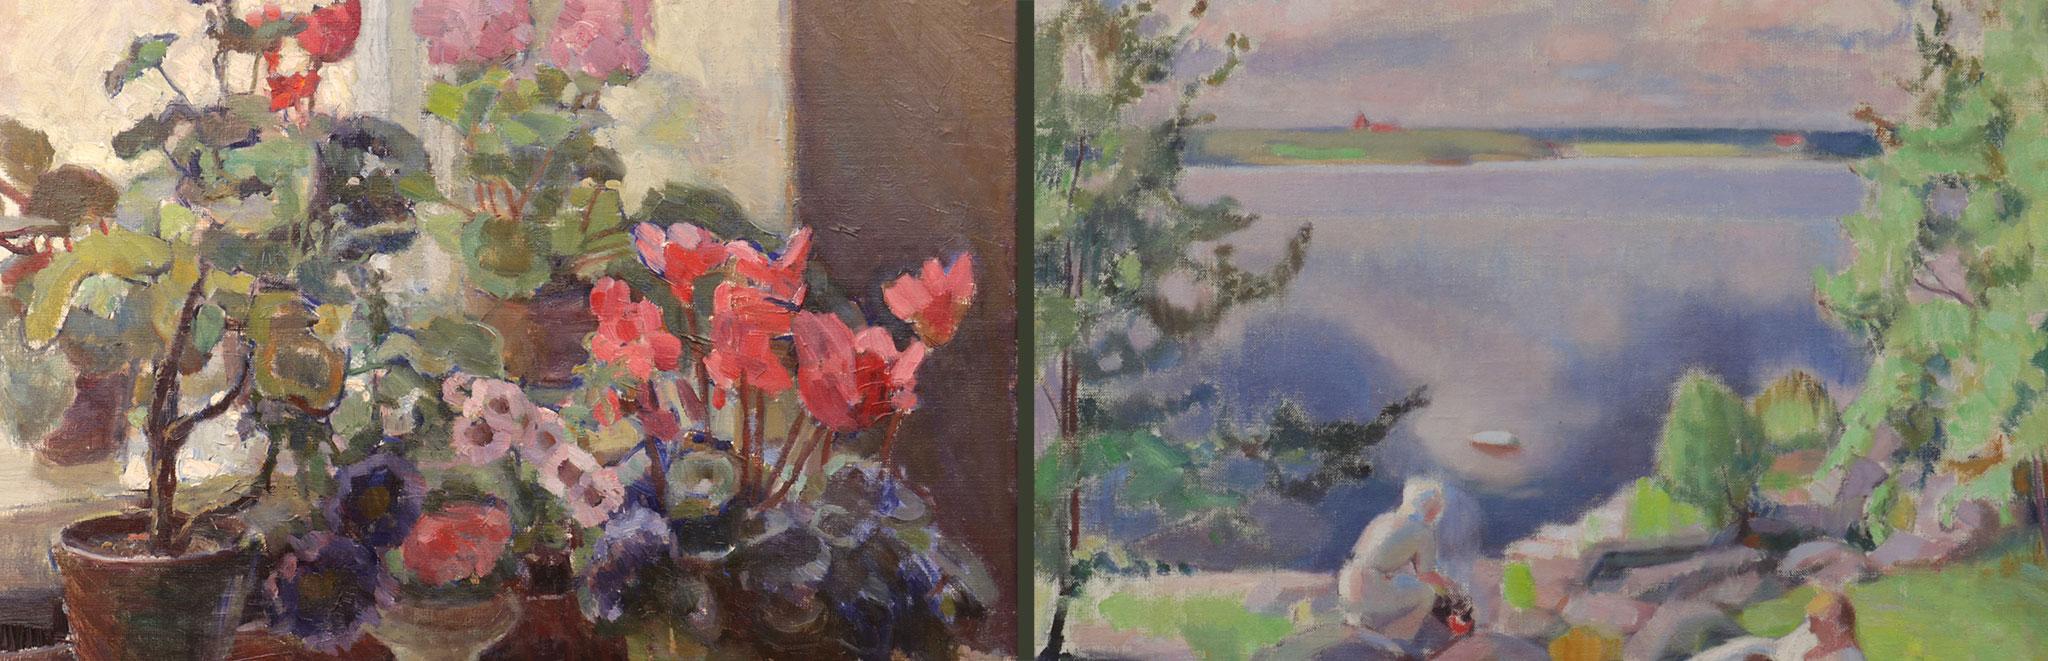 galleria-akseli-sastamala-pirkanmaa-julkaisut-2